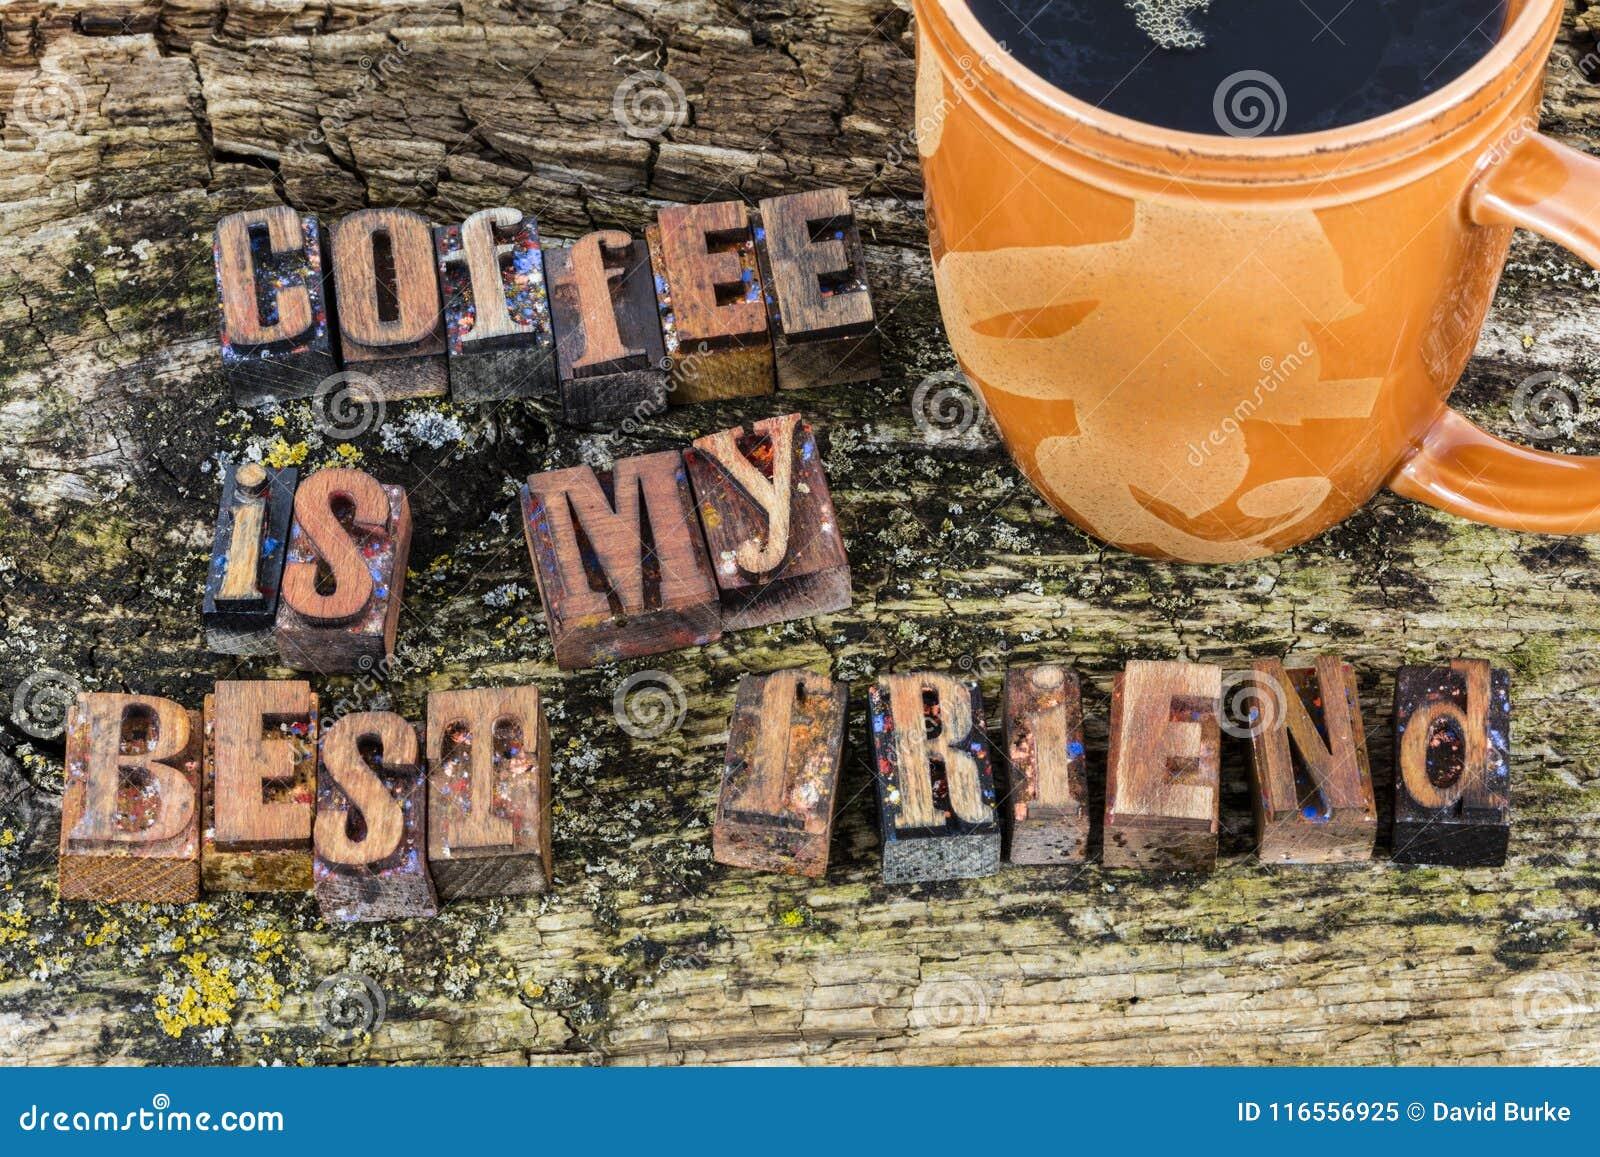 Coffee is my best friend attitude letterpress